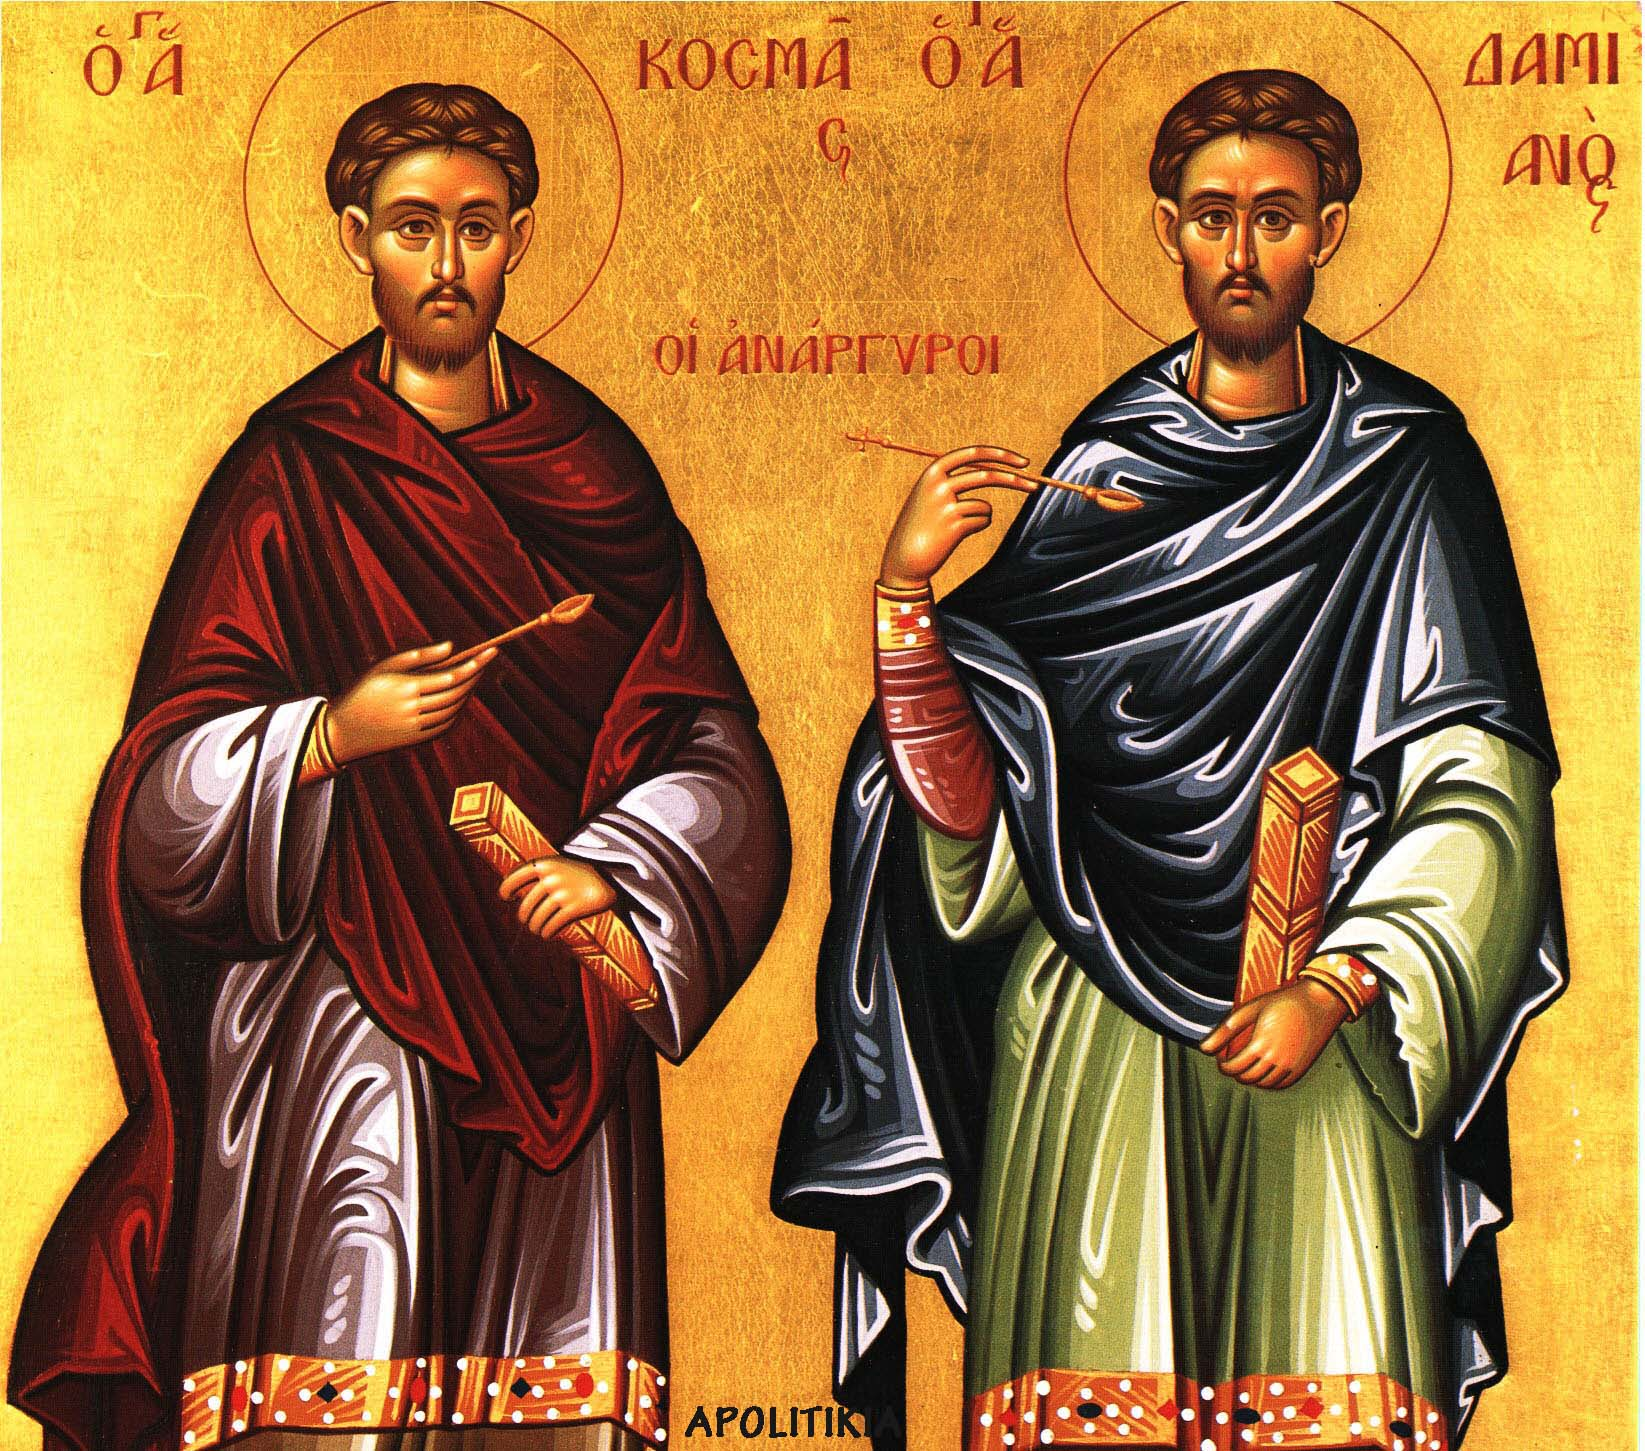 Στα Δίχτυα των Σατανικών Δυνάμεων οι κατ' Όνομα Χριστιανοί